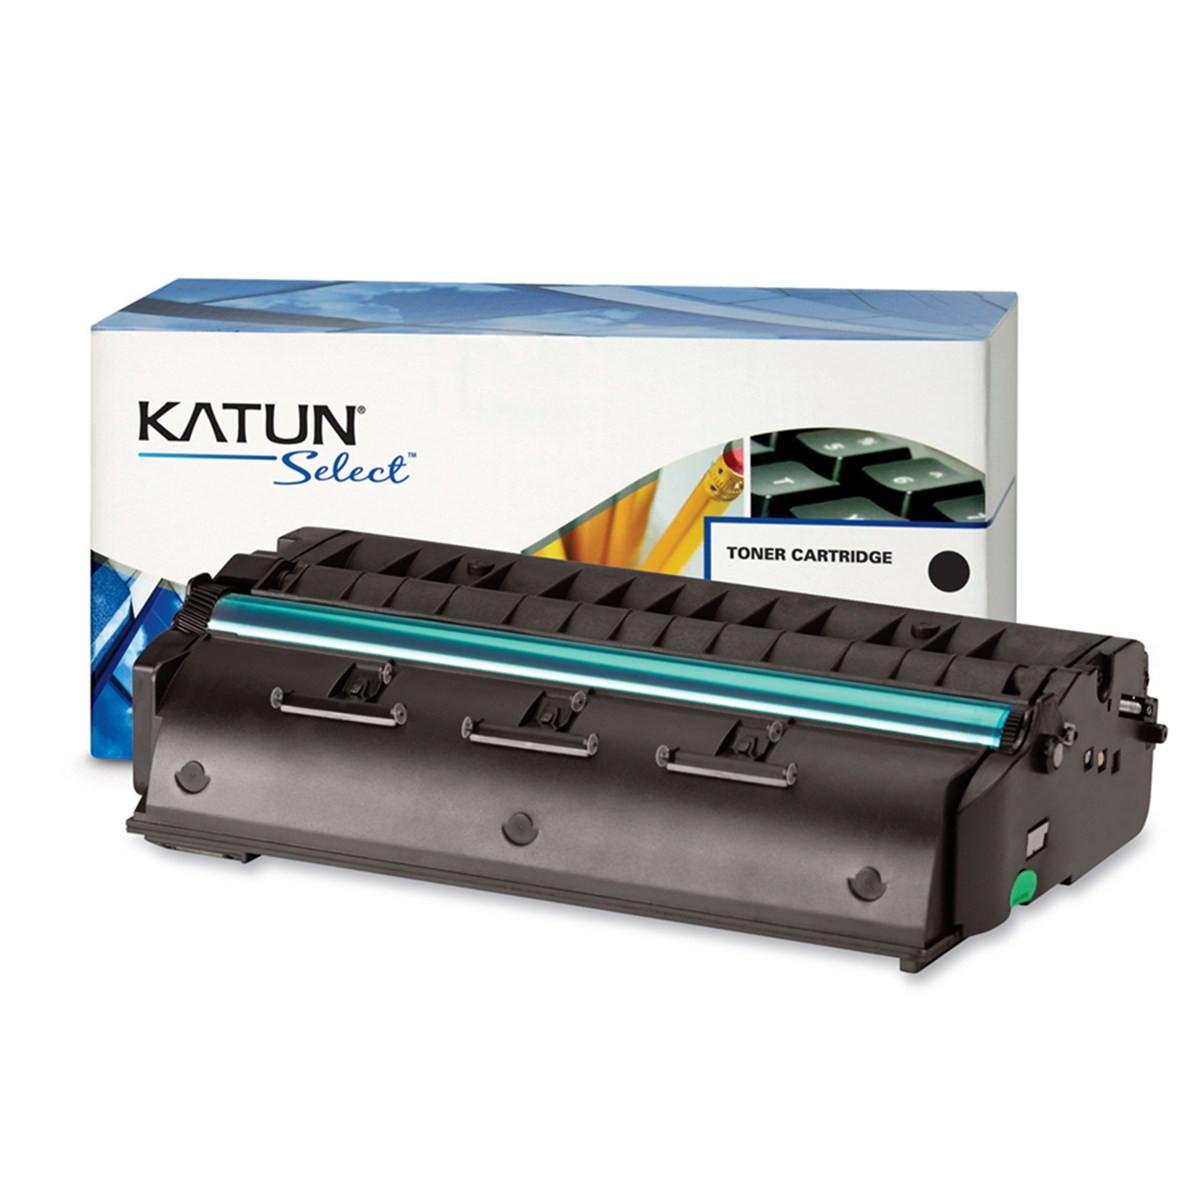 Toner Ricoh Aficio SP5200 | SP5200DN SP5200S SP5210 SP5210DNHT SP5210SFHW | Katun Select 25k